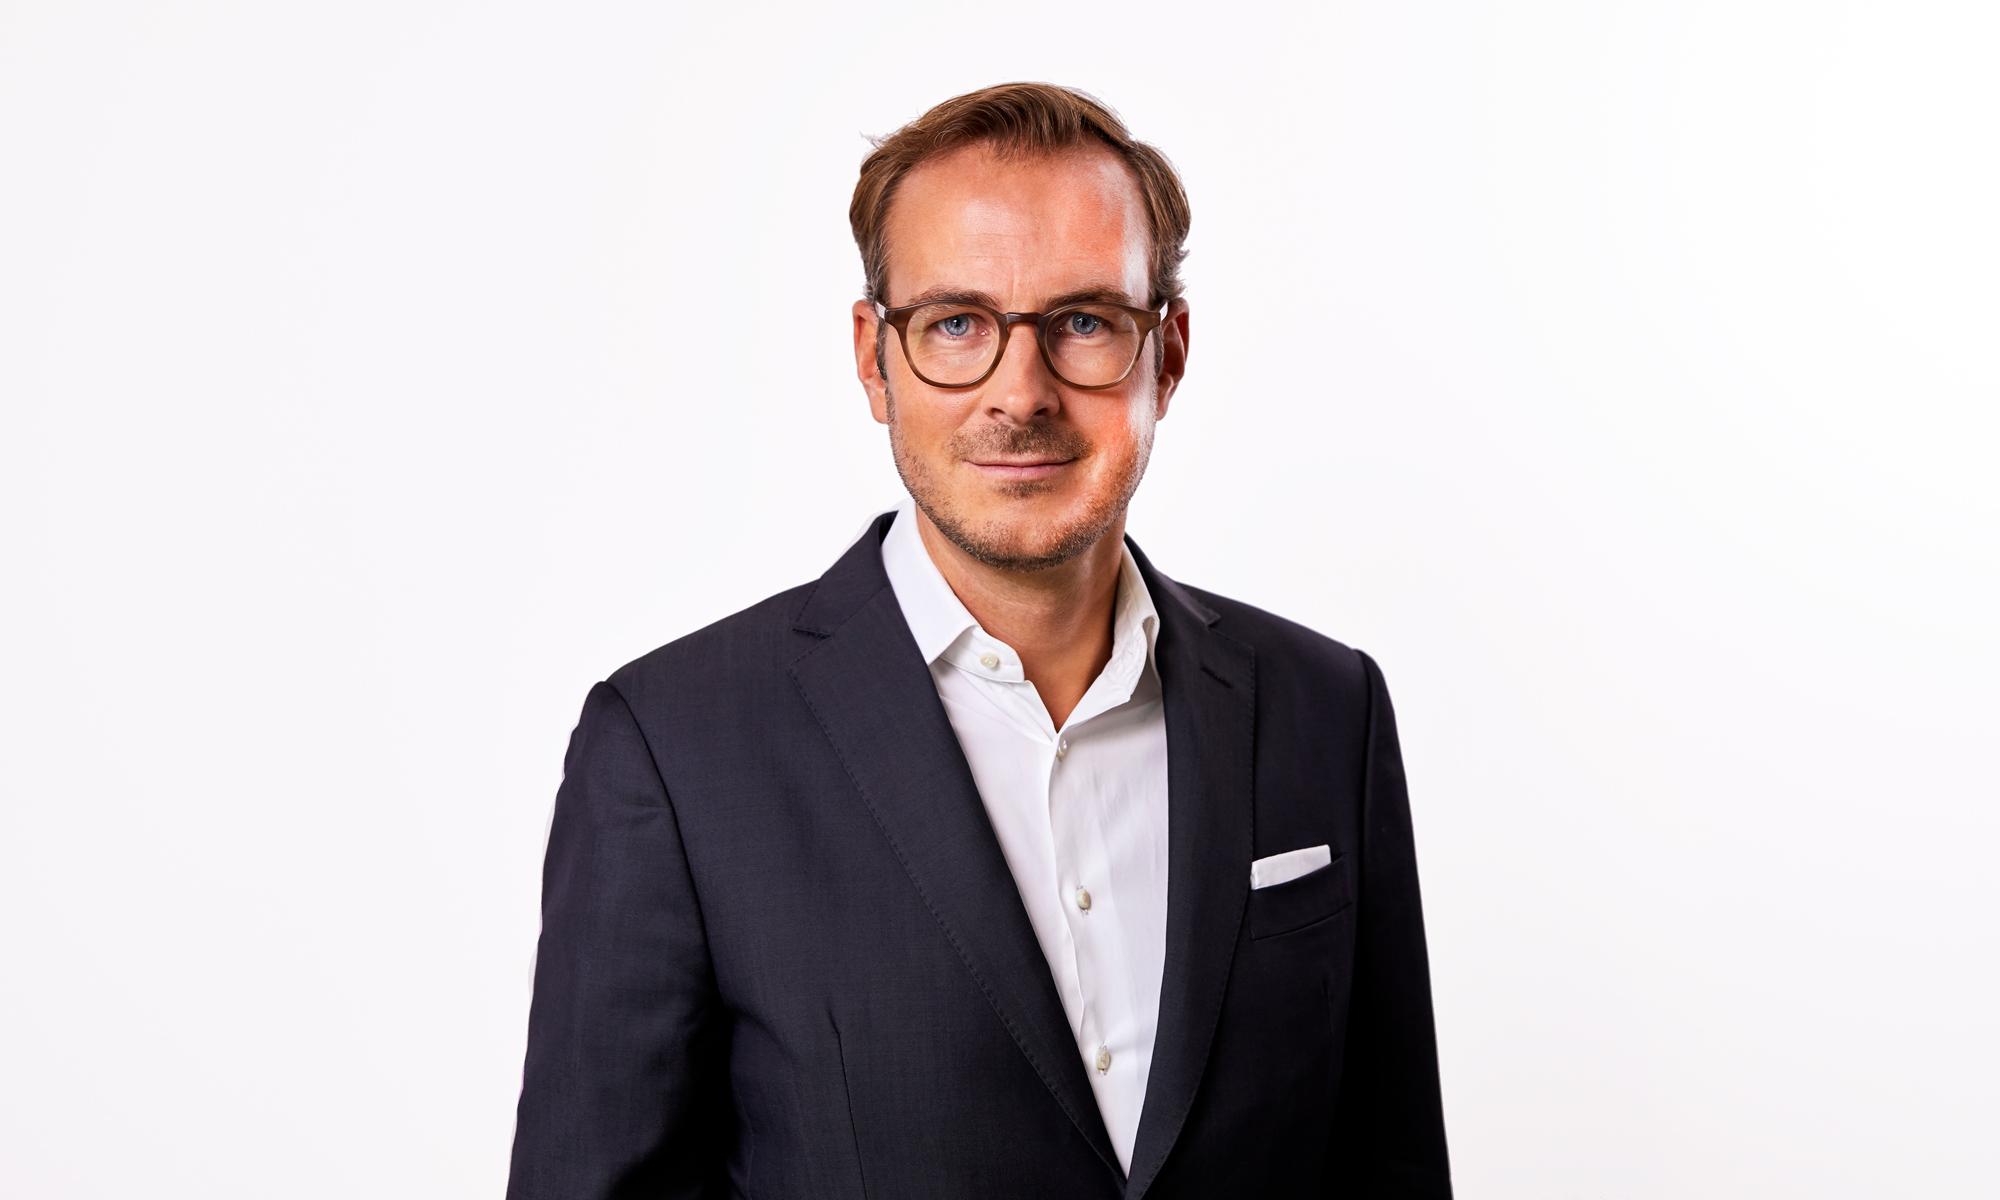 Moritz Diekmann